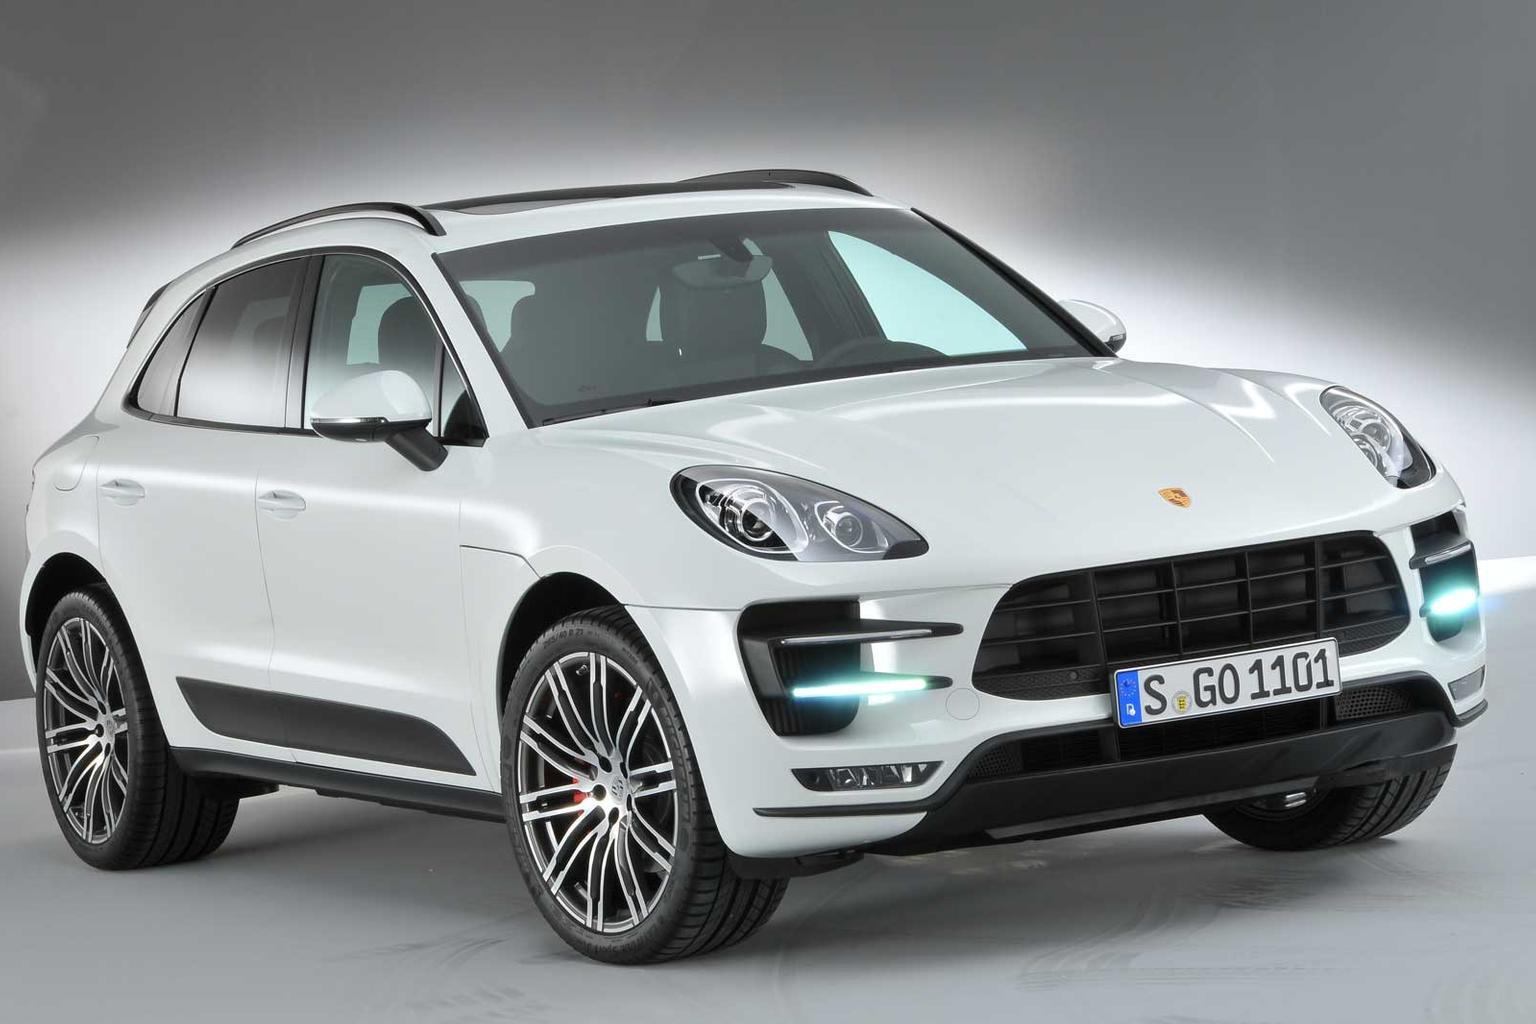 Four-cylinder Porsche Macan confirmed